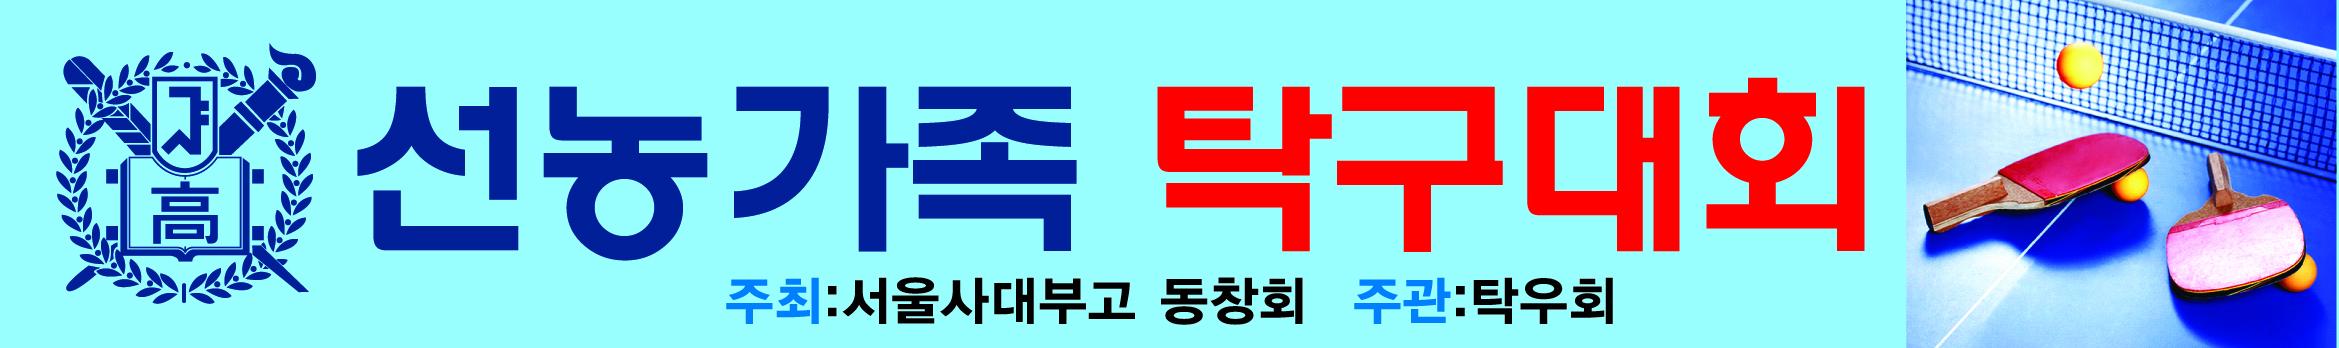 탁구대회현수막.jpg